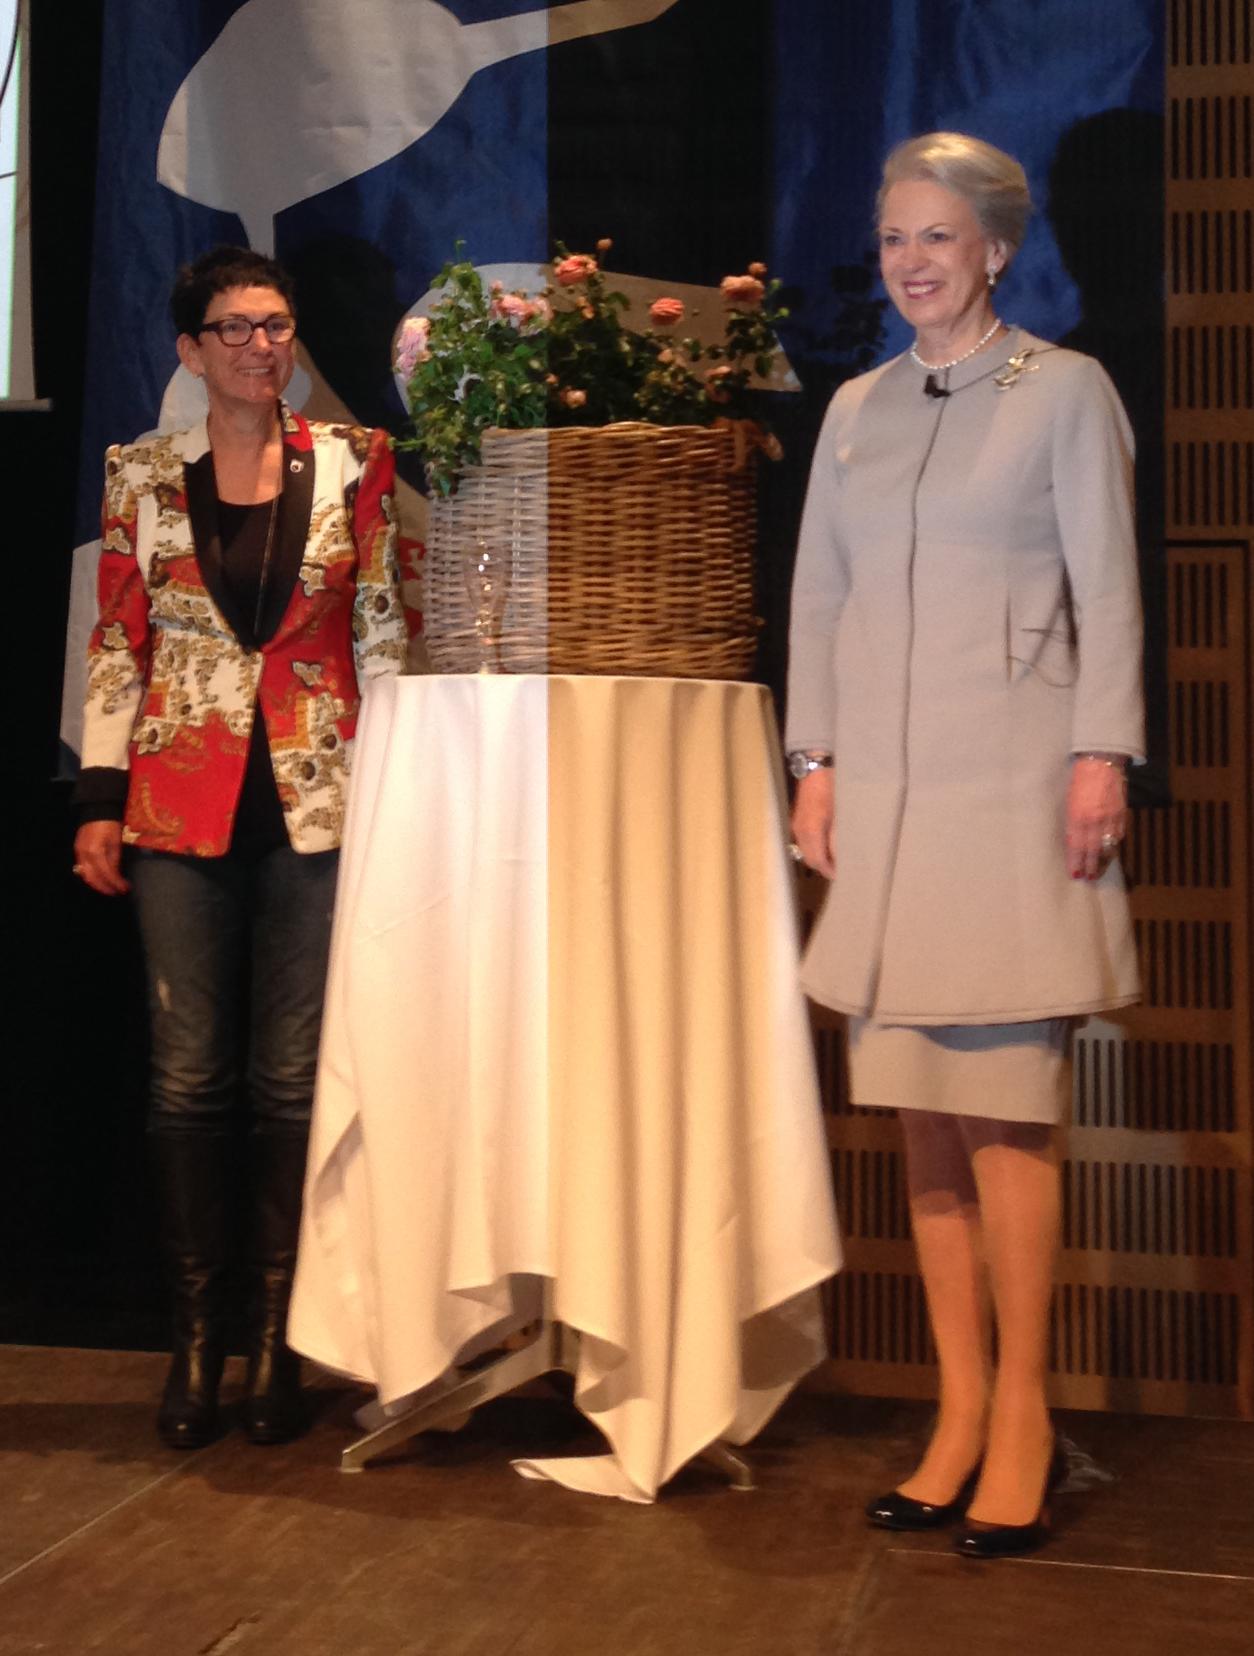 HKH Prinsesse Benedikte døber Inner Wheel Forever rose_2